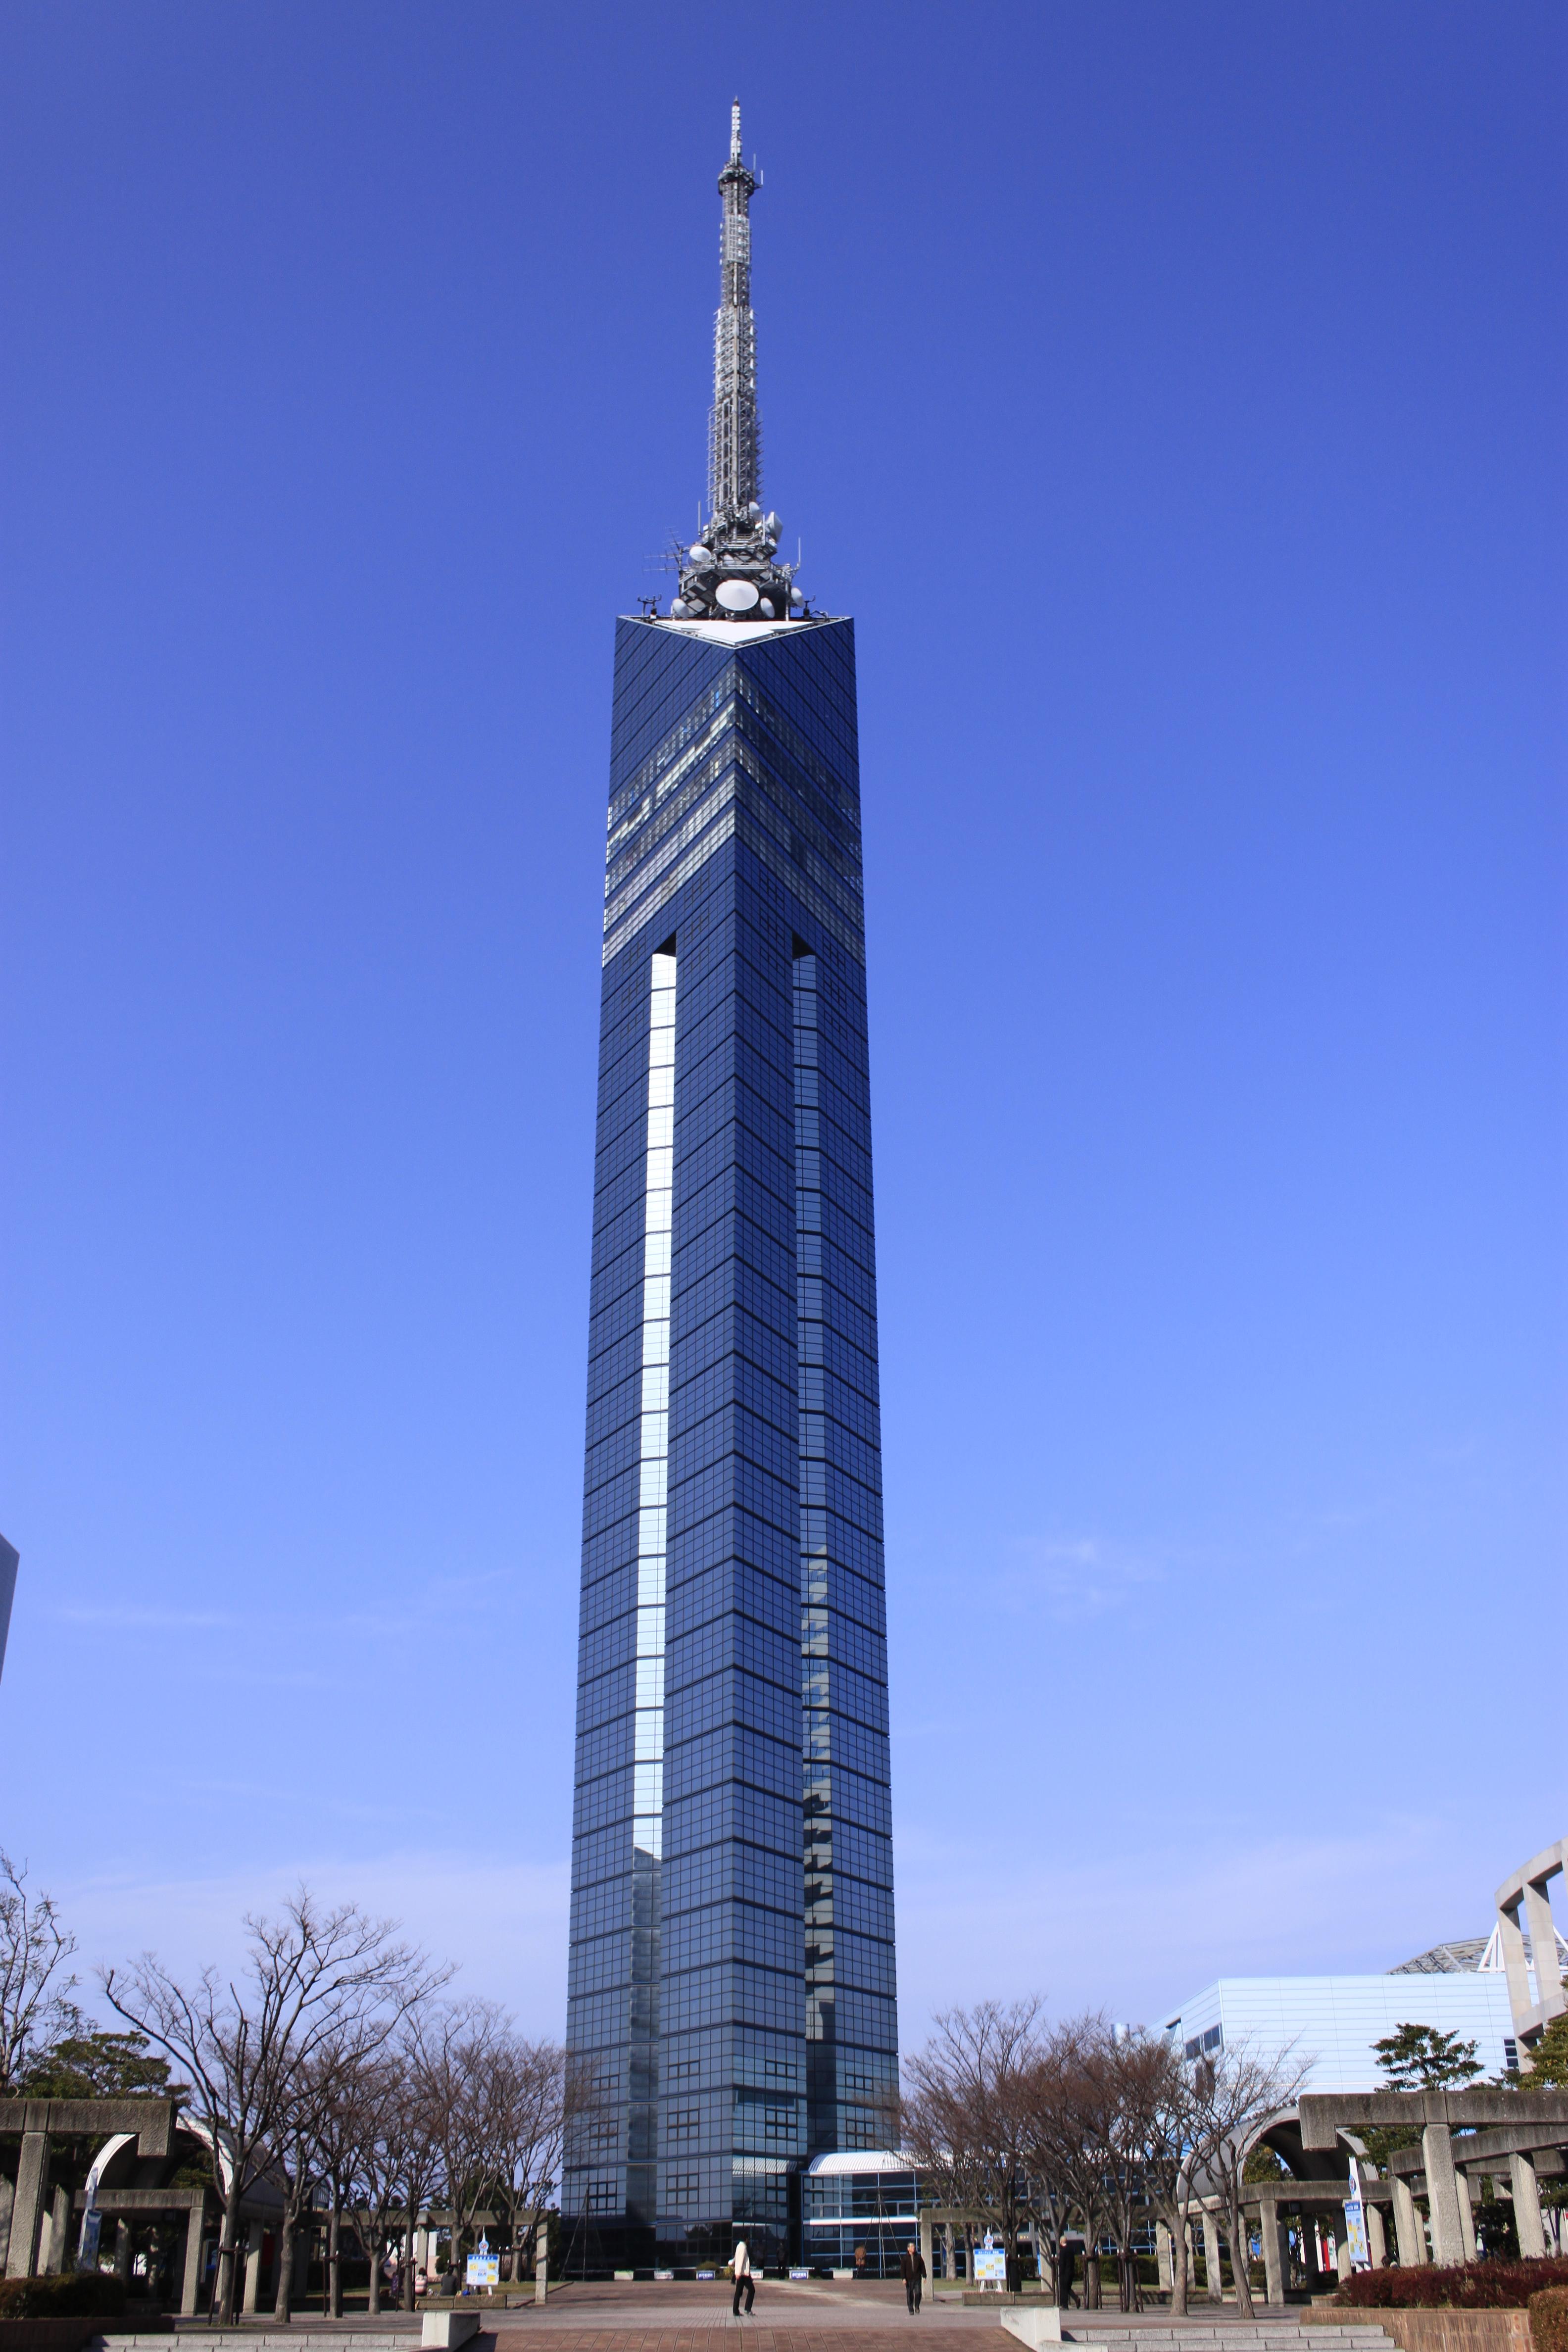 中洲・博多・天神の観光スポット 福岡タワー